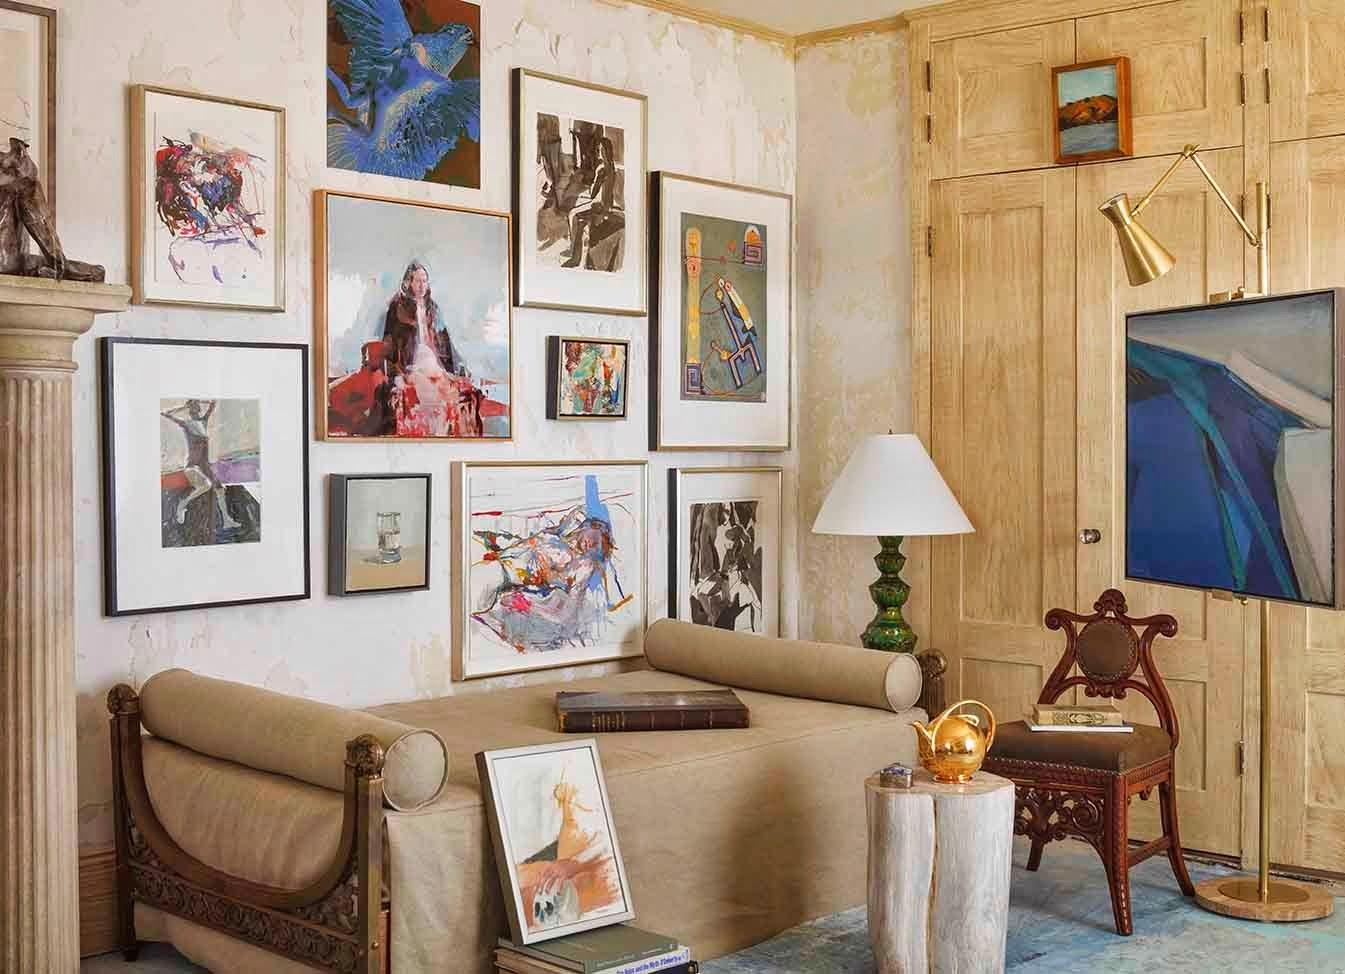 Boiserie c un monolocale arredato come una galleria d 39 arte for Studio arredato